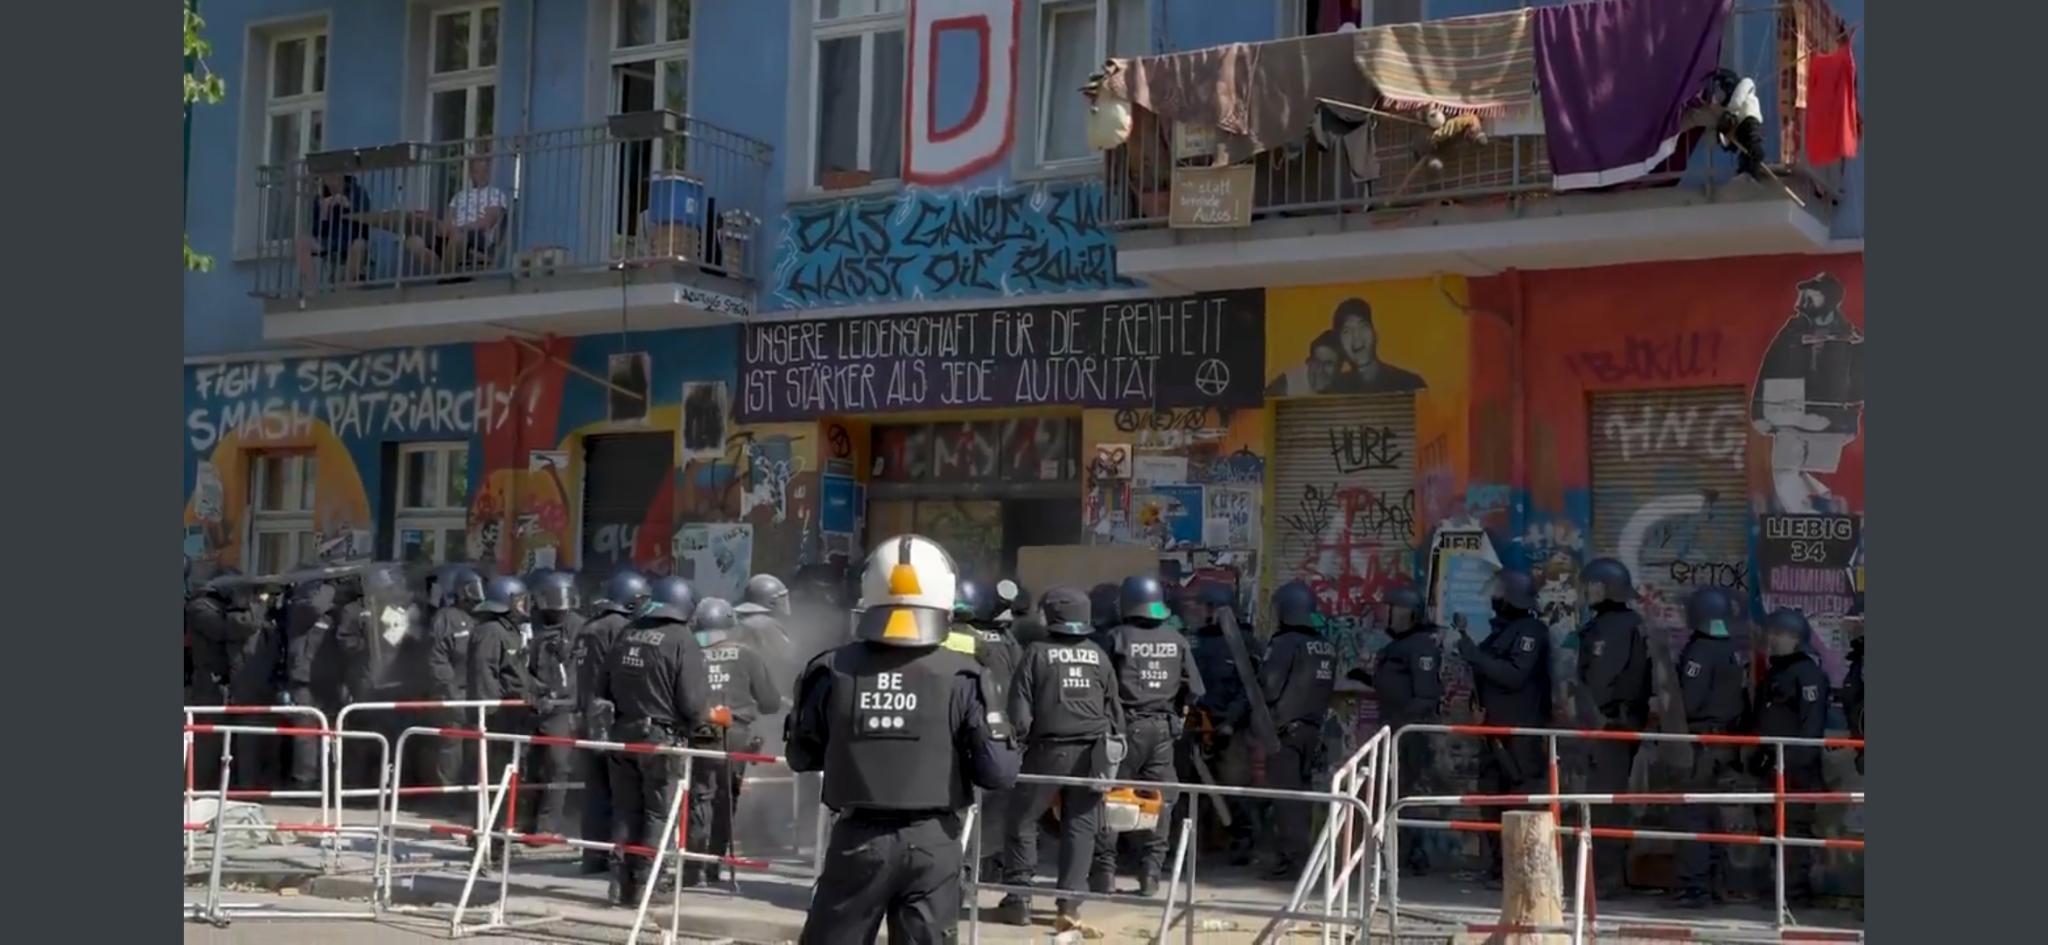 Cops versuchen in die Rigaer Straße hineinzugelangen. Dabei tragen sie Einsatzanzüge in dunkelblau und Helm. Die Fassade des Hauses ist bunt bemalt.